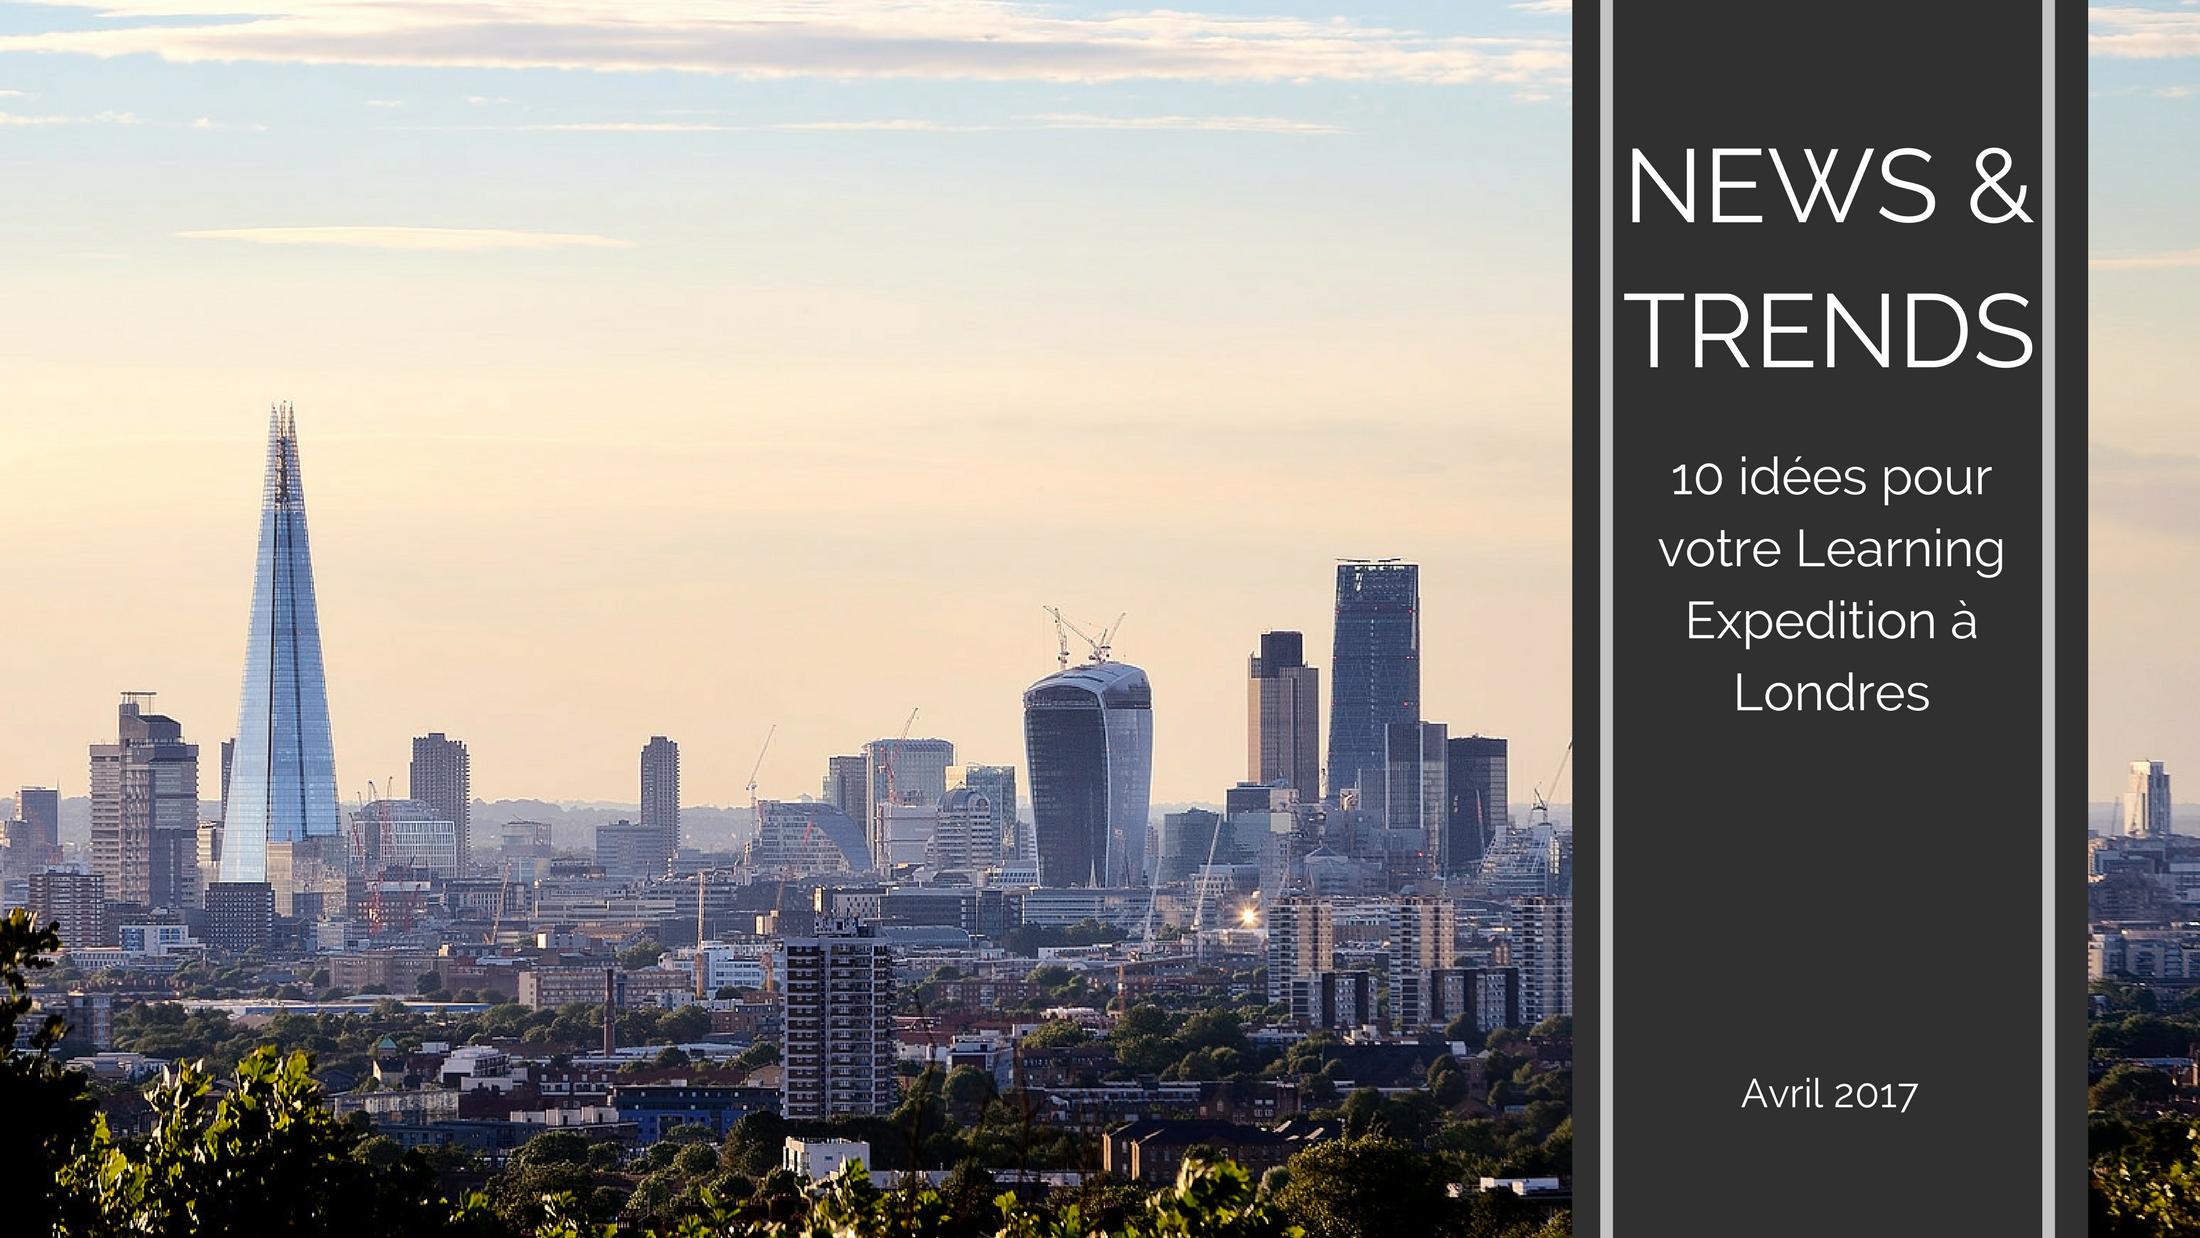 Trends News2 - Dix idées pour votre Learning Expedition à Londres